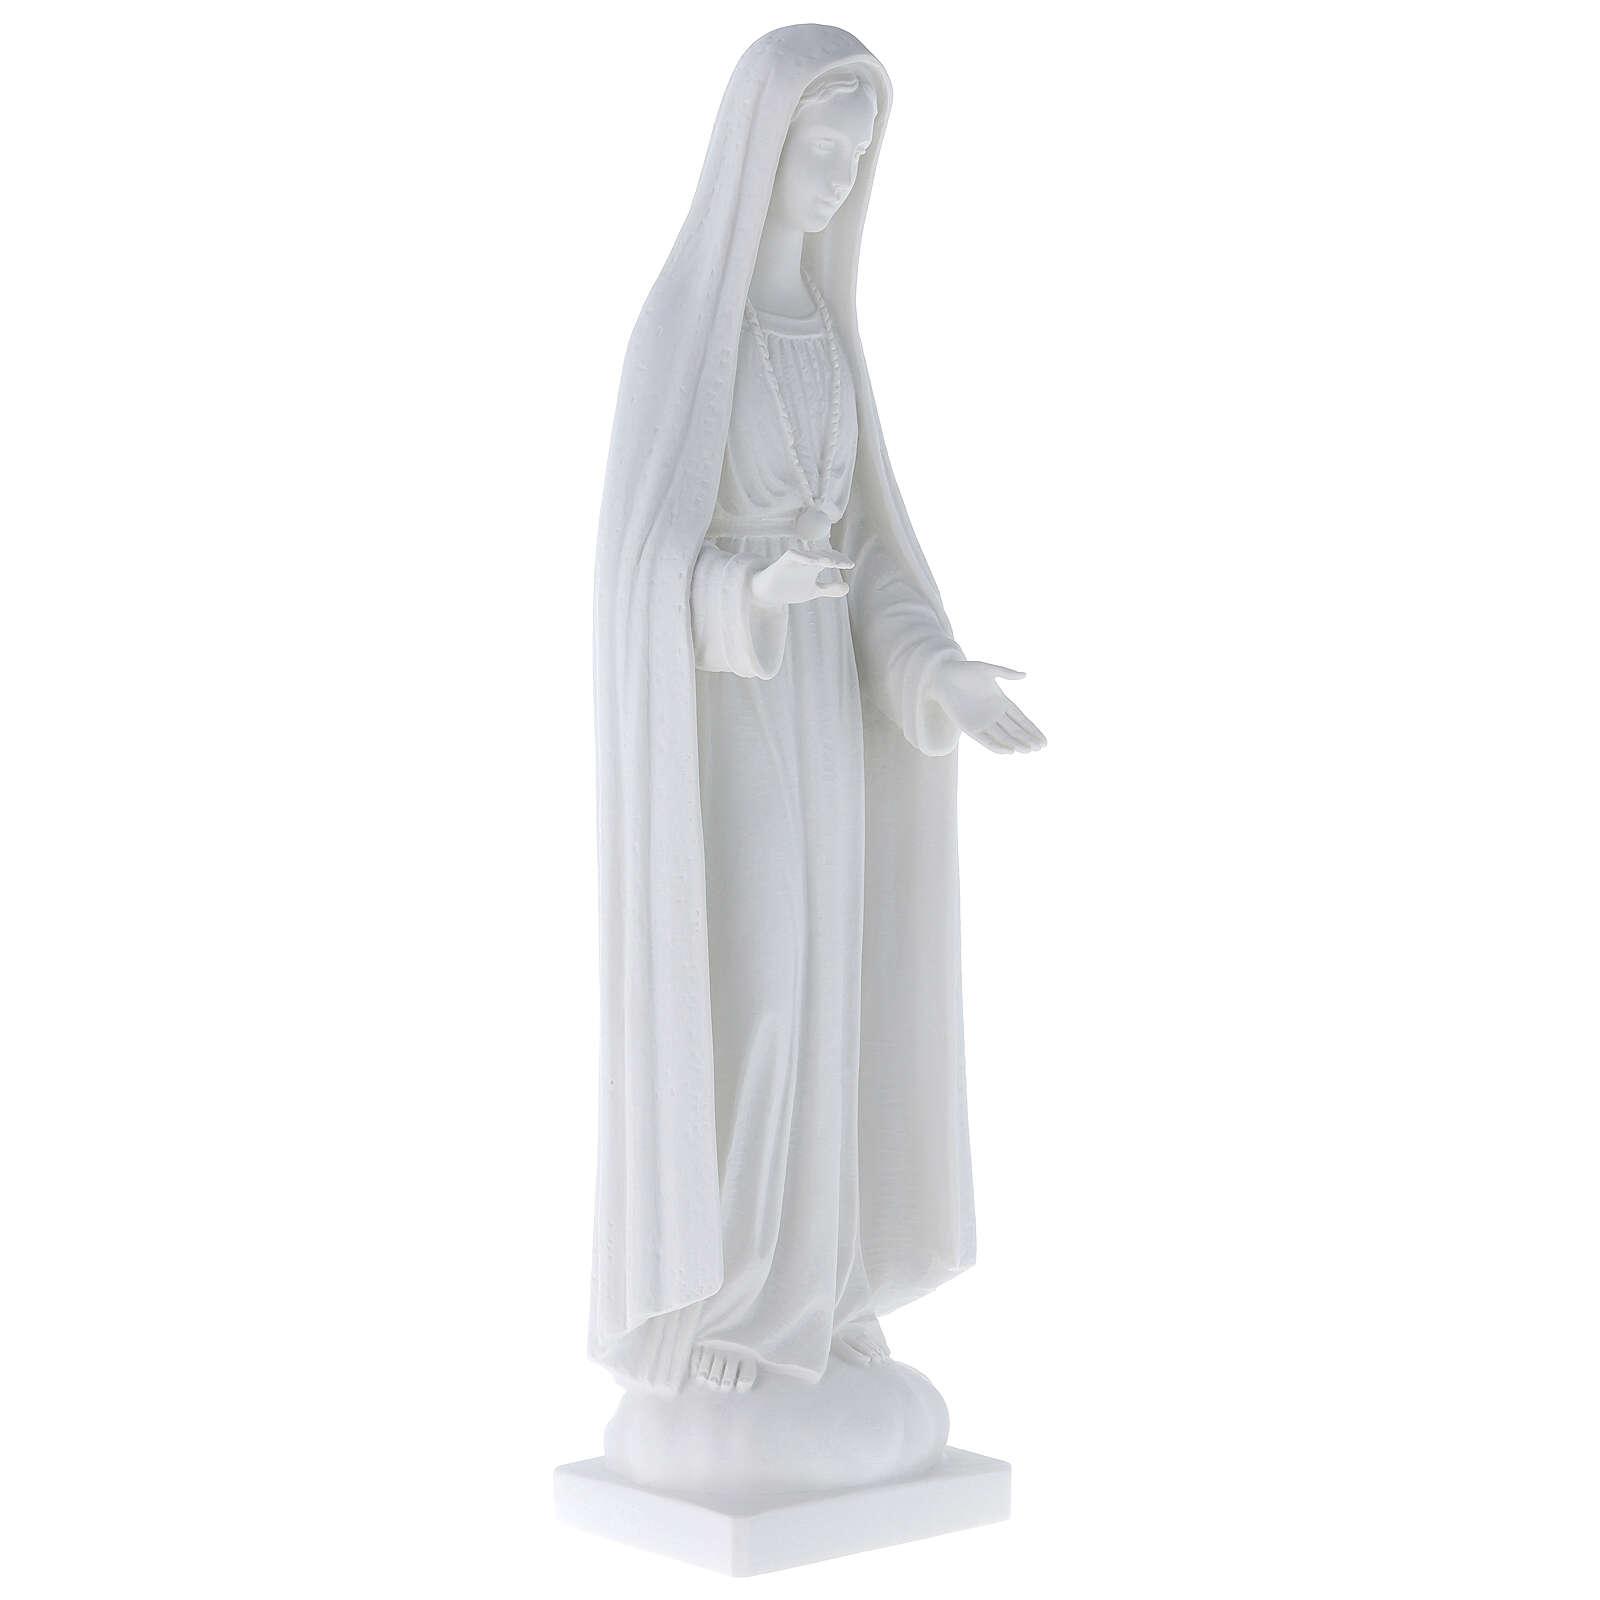 Statua Madonna stilizzata marmo bianco 62-100 cm 4